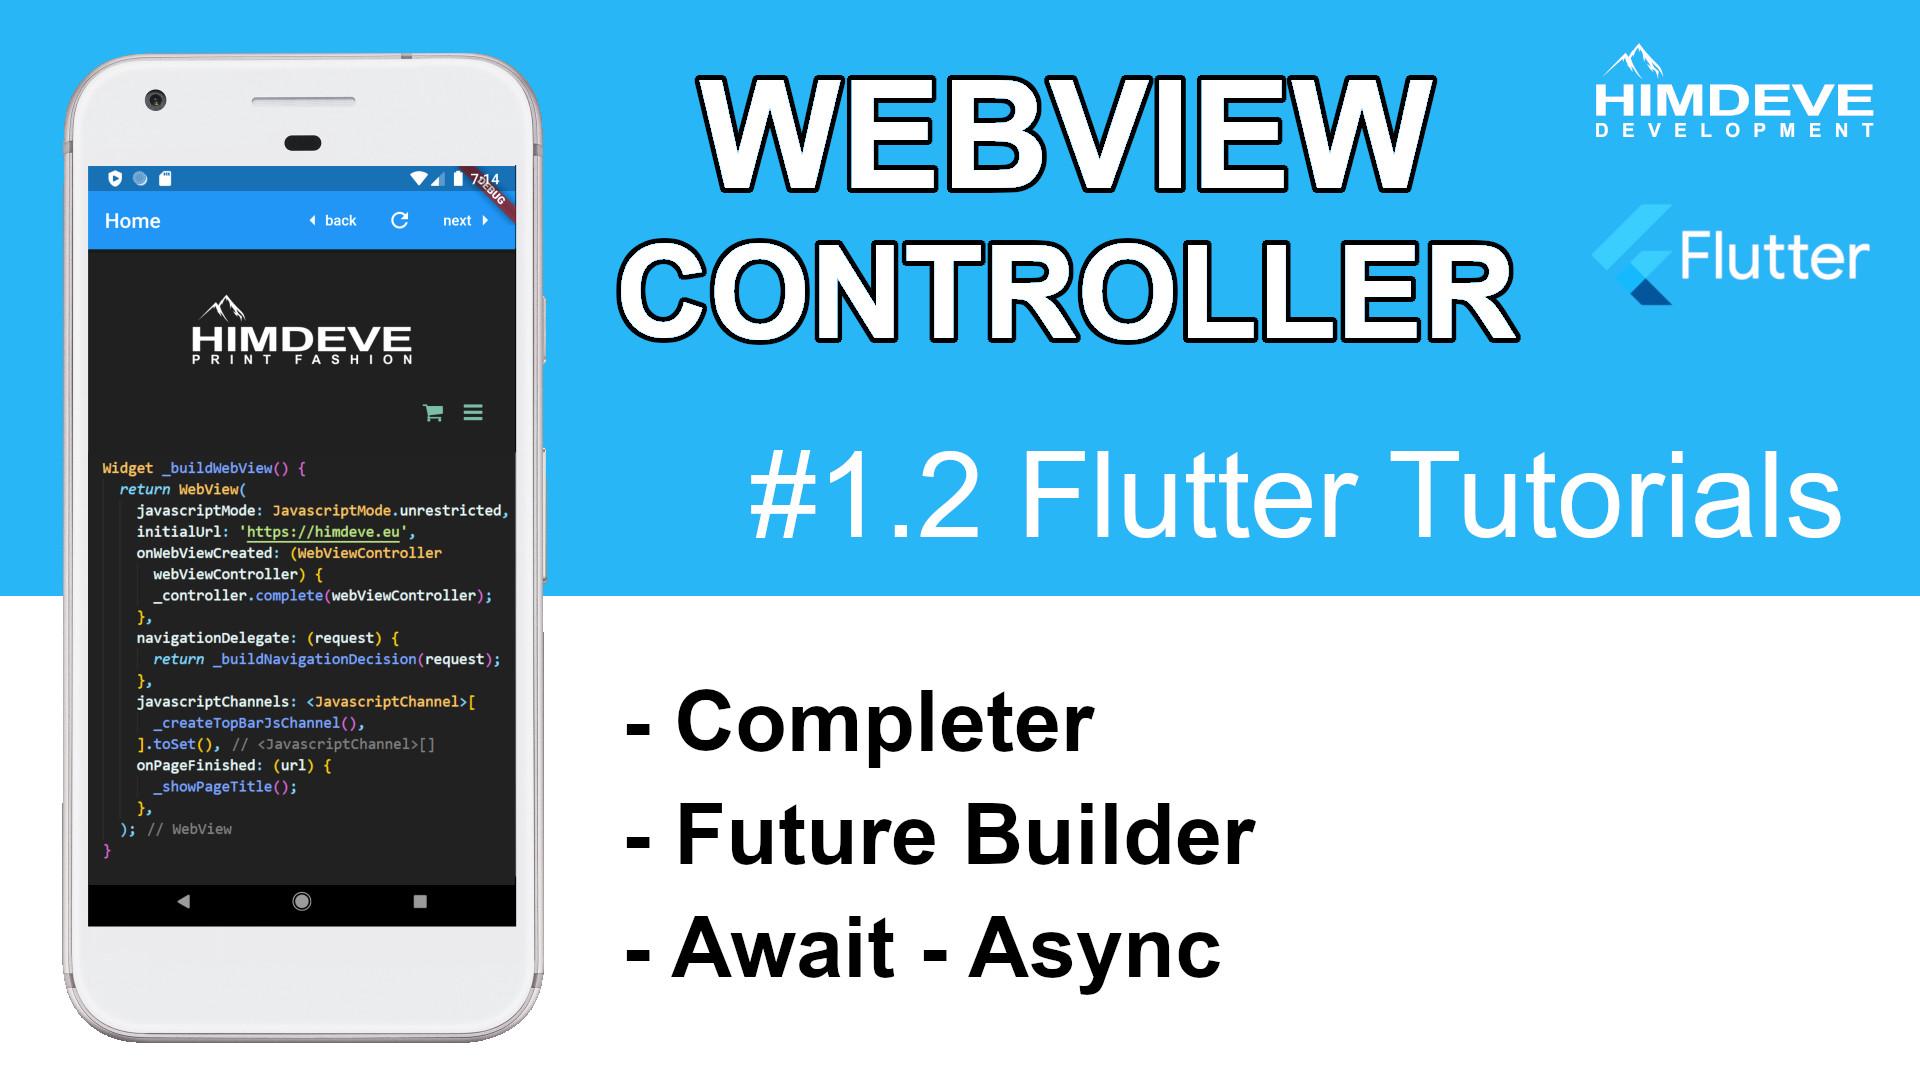 #1_2 Webview Controller Flutter Tutorials